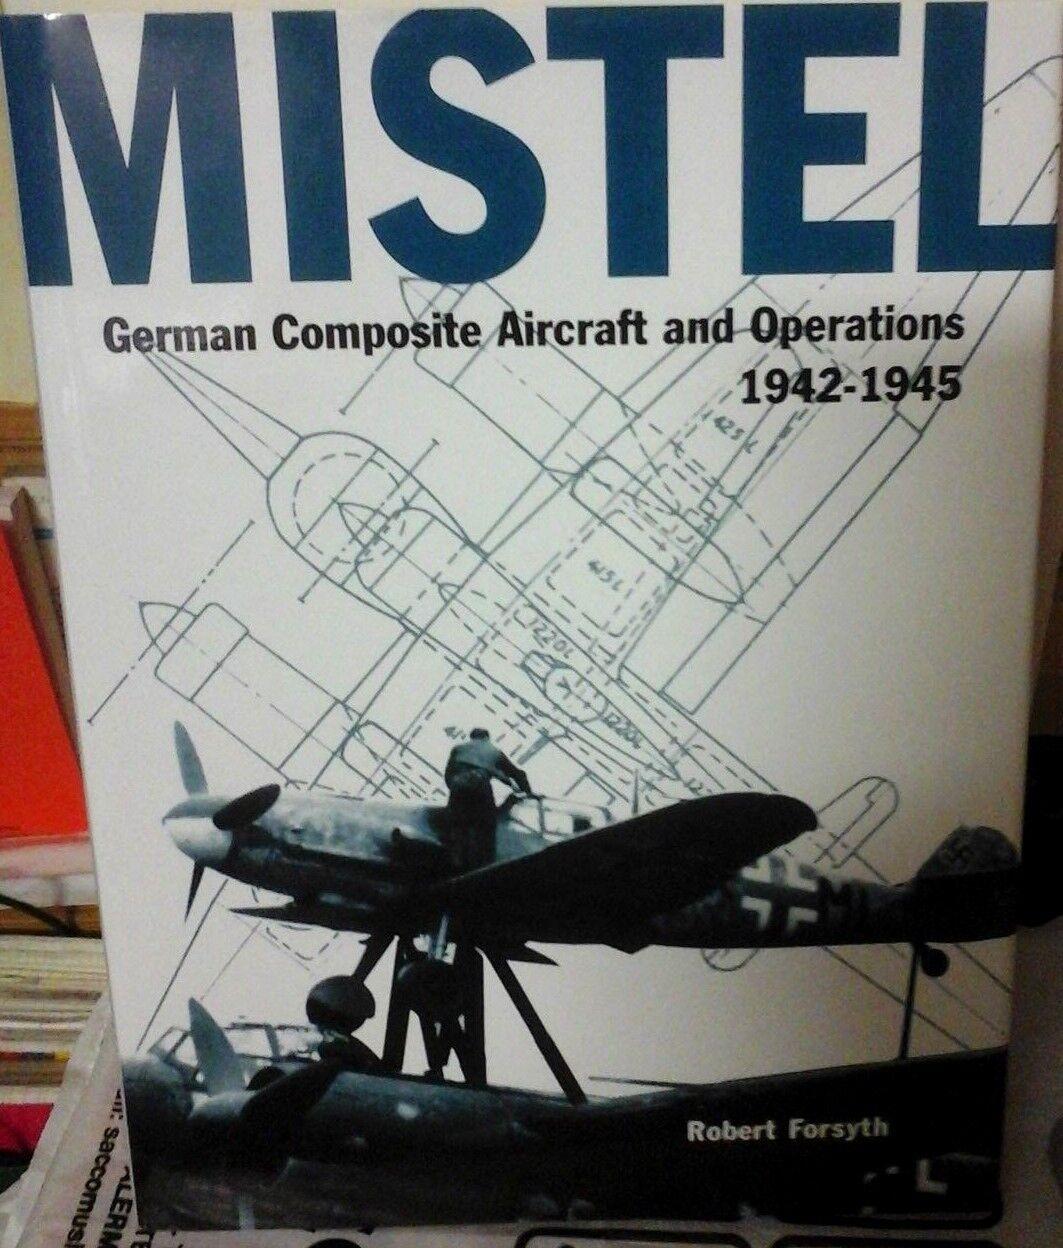 MISTEL GERuomo COMPOSITE AIRCRAFT e OPERATIONS 19421945 libro ROB. FORSYTH